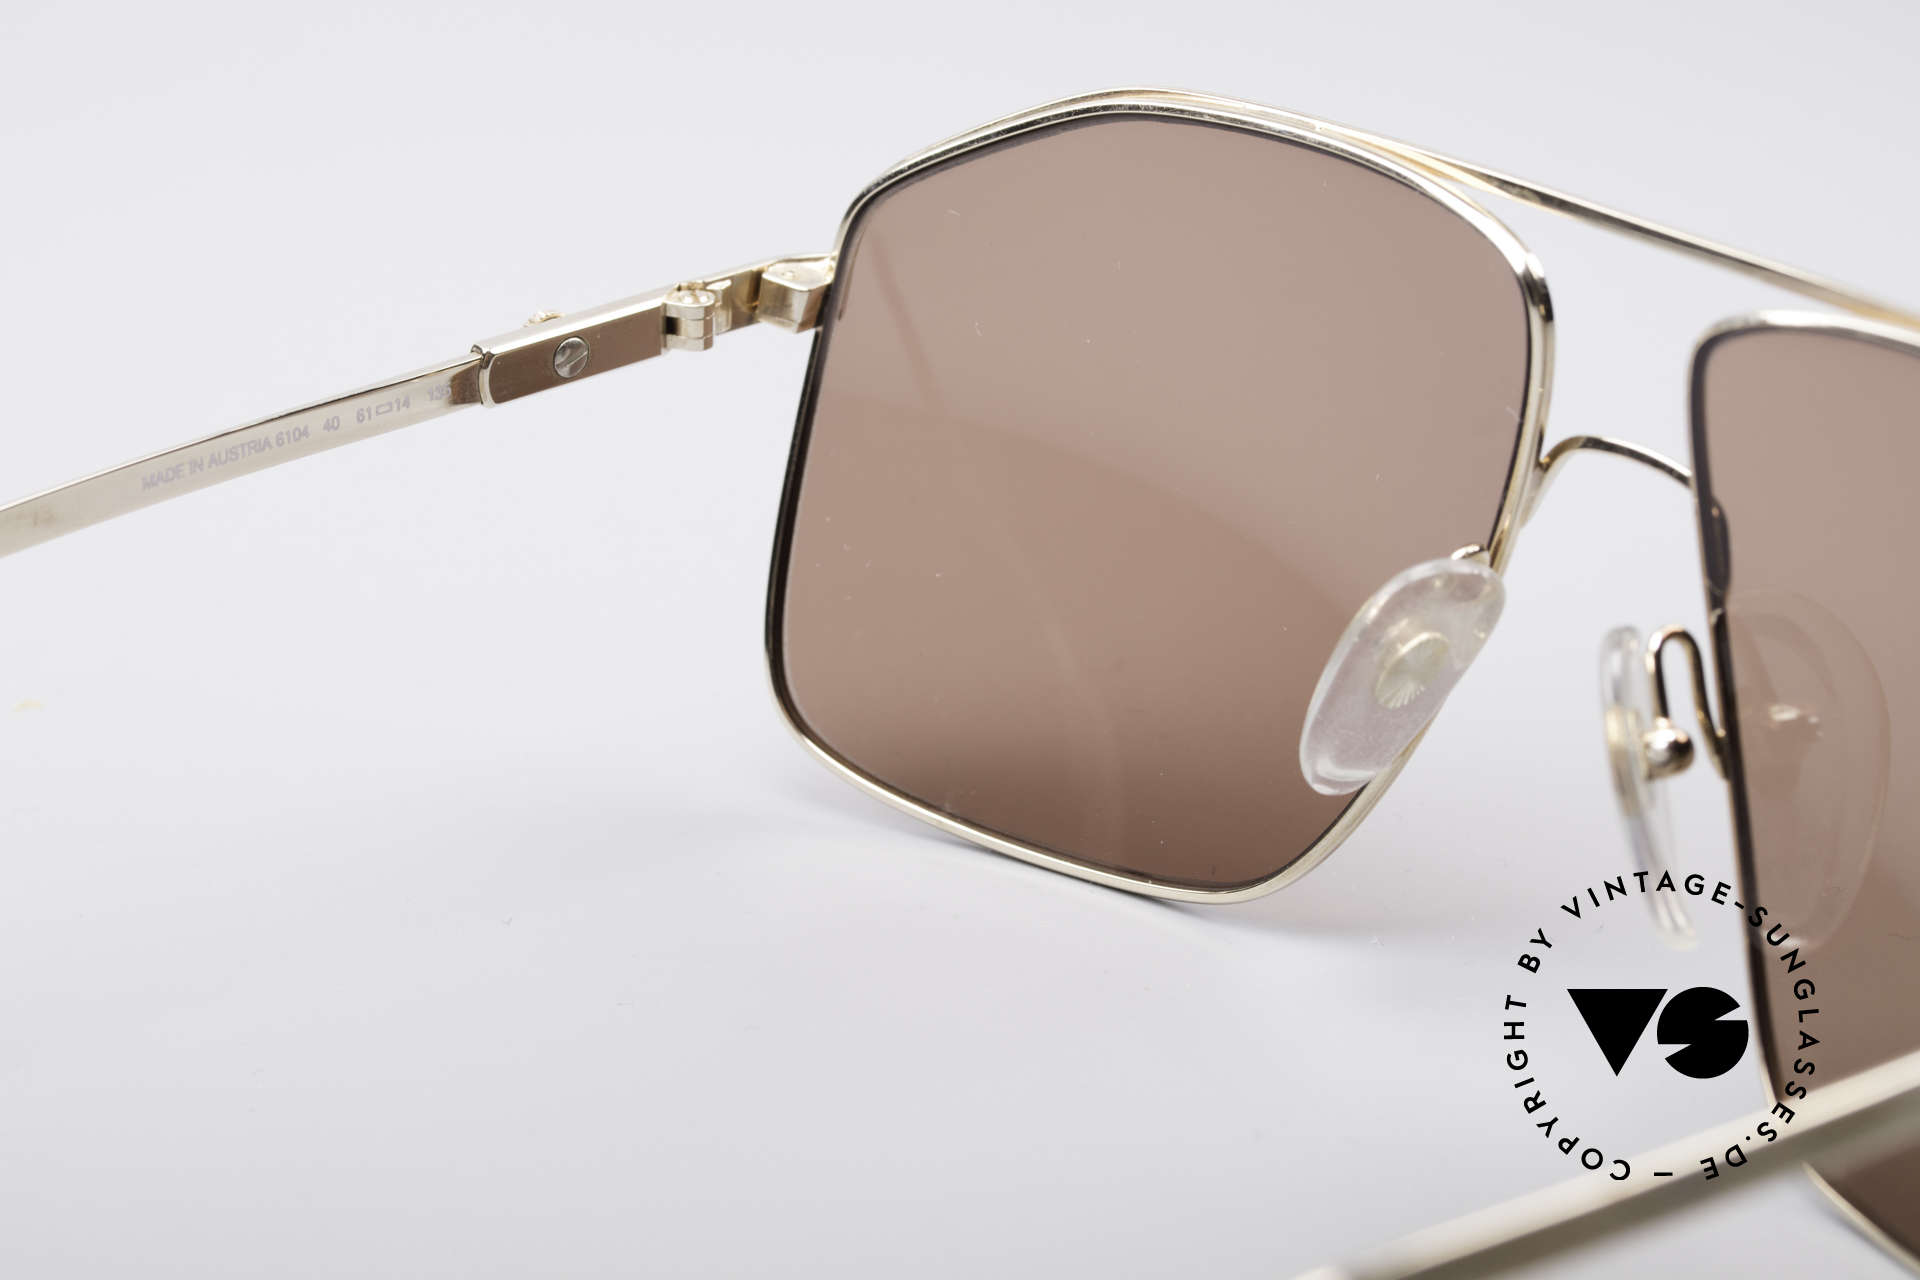 Dunhill 6104 Vergoldete Vintage Brille 90er, KEINE Retrosonnenbrille, 100% vintage Original!!, Passend für Herren